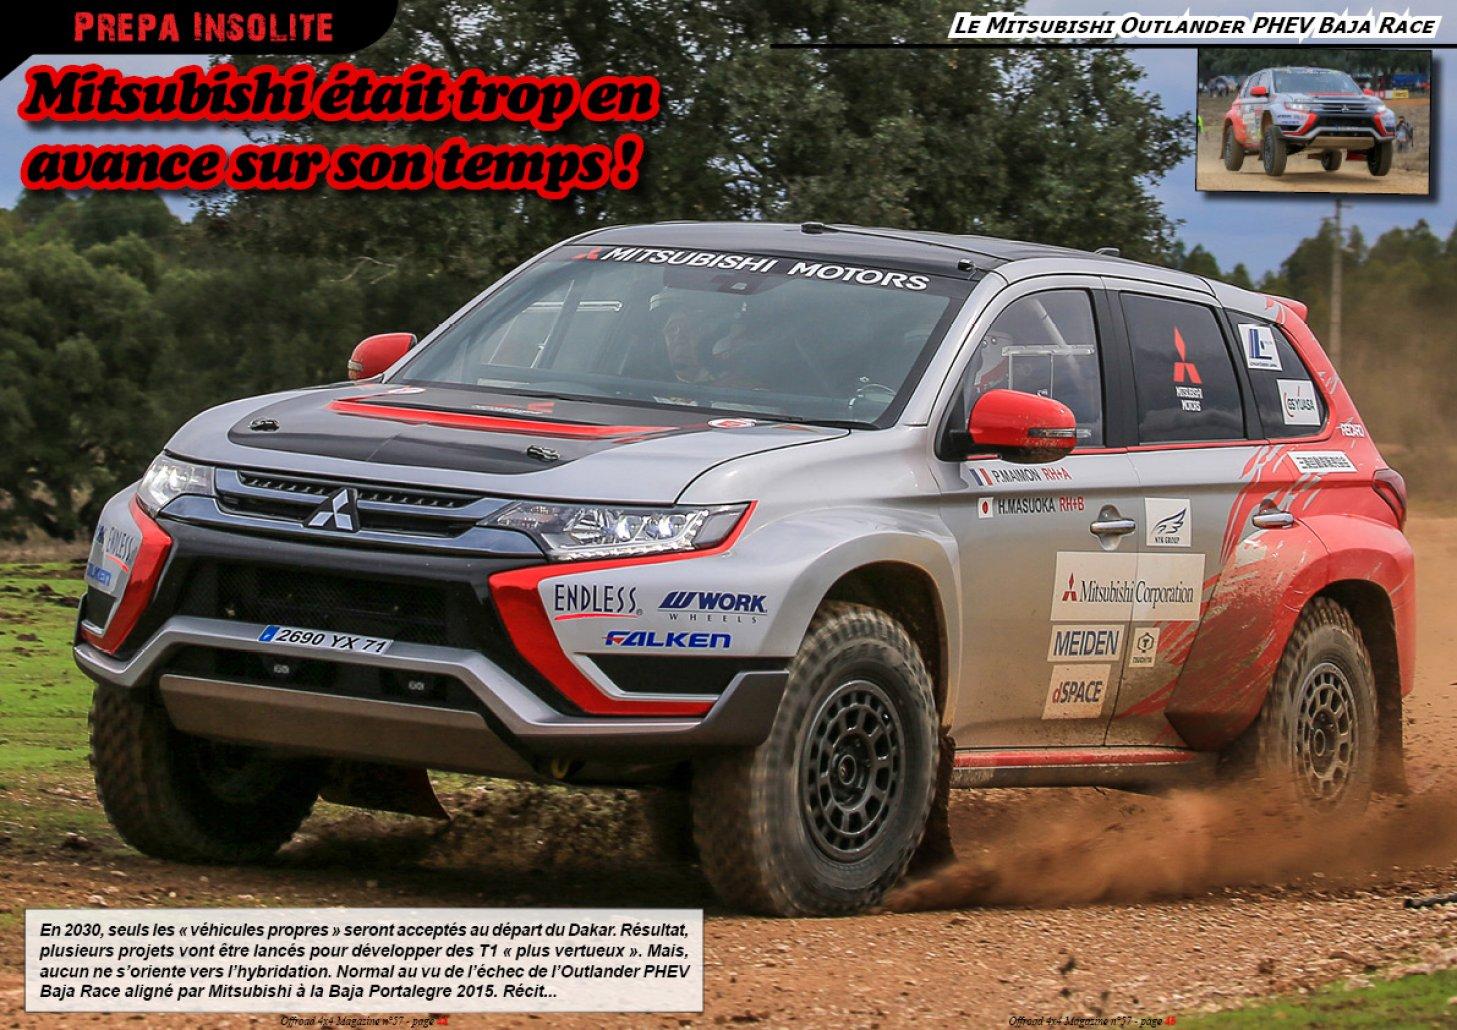 Le Mitsubishi Outlander PHEV Baja Race